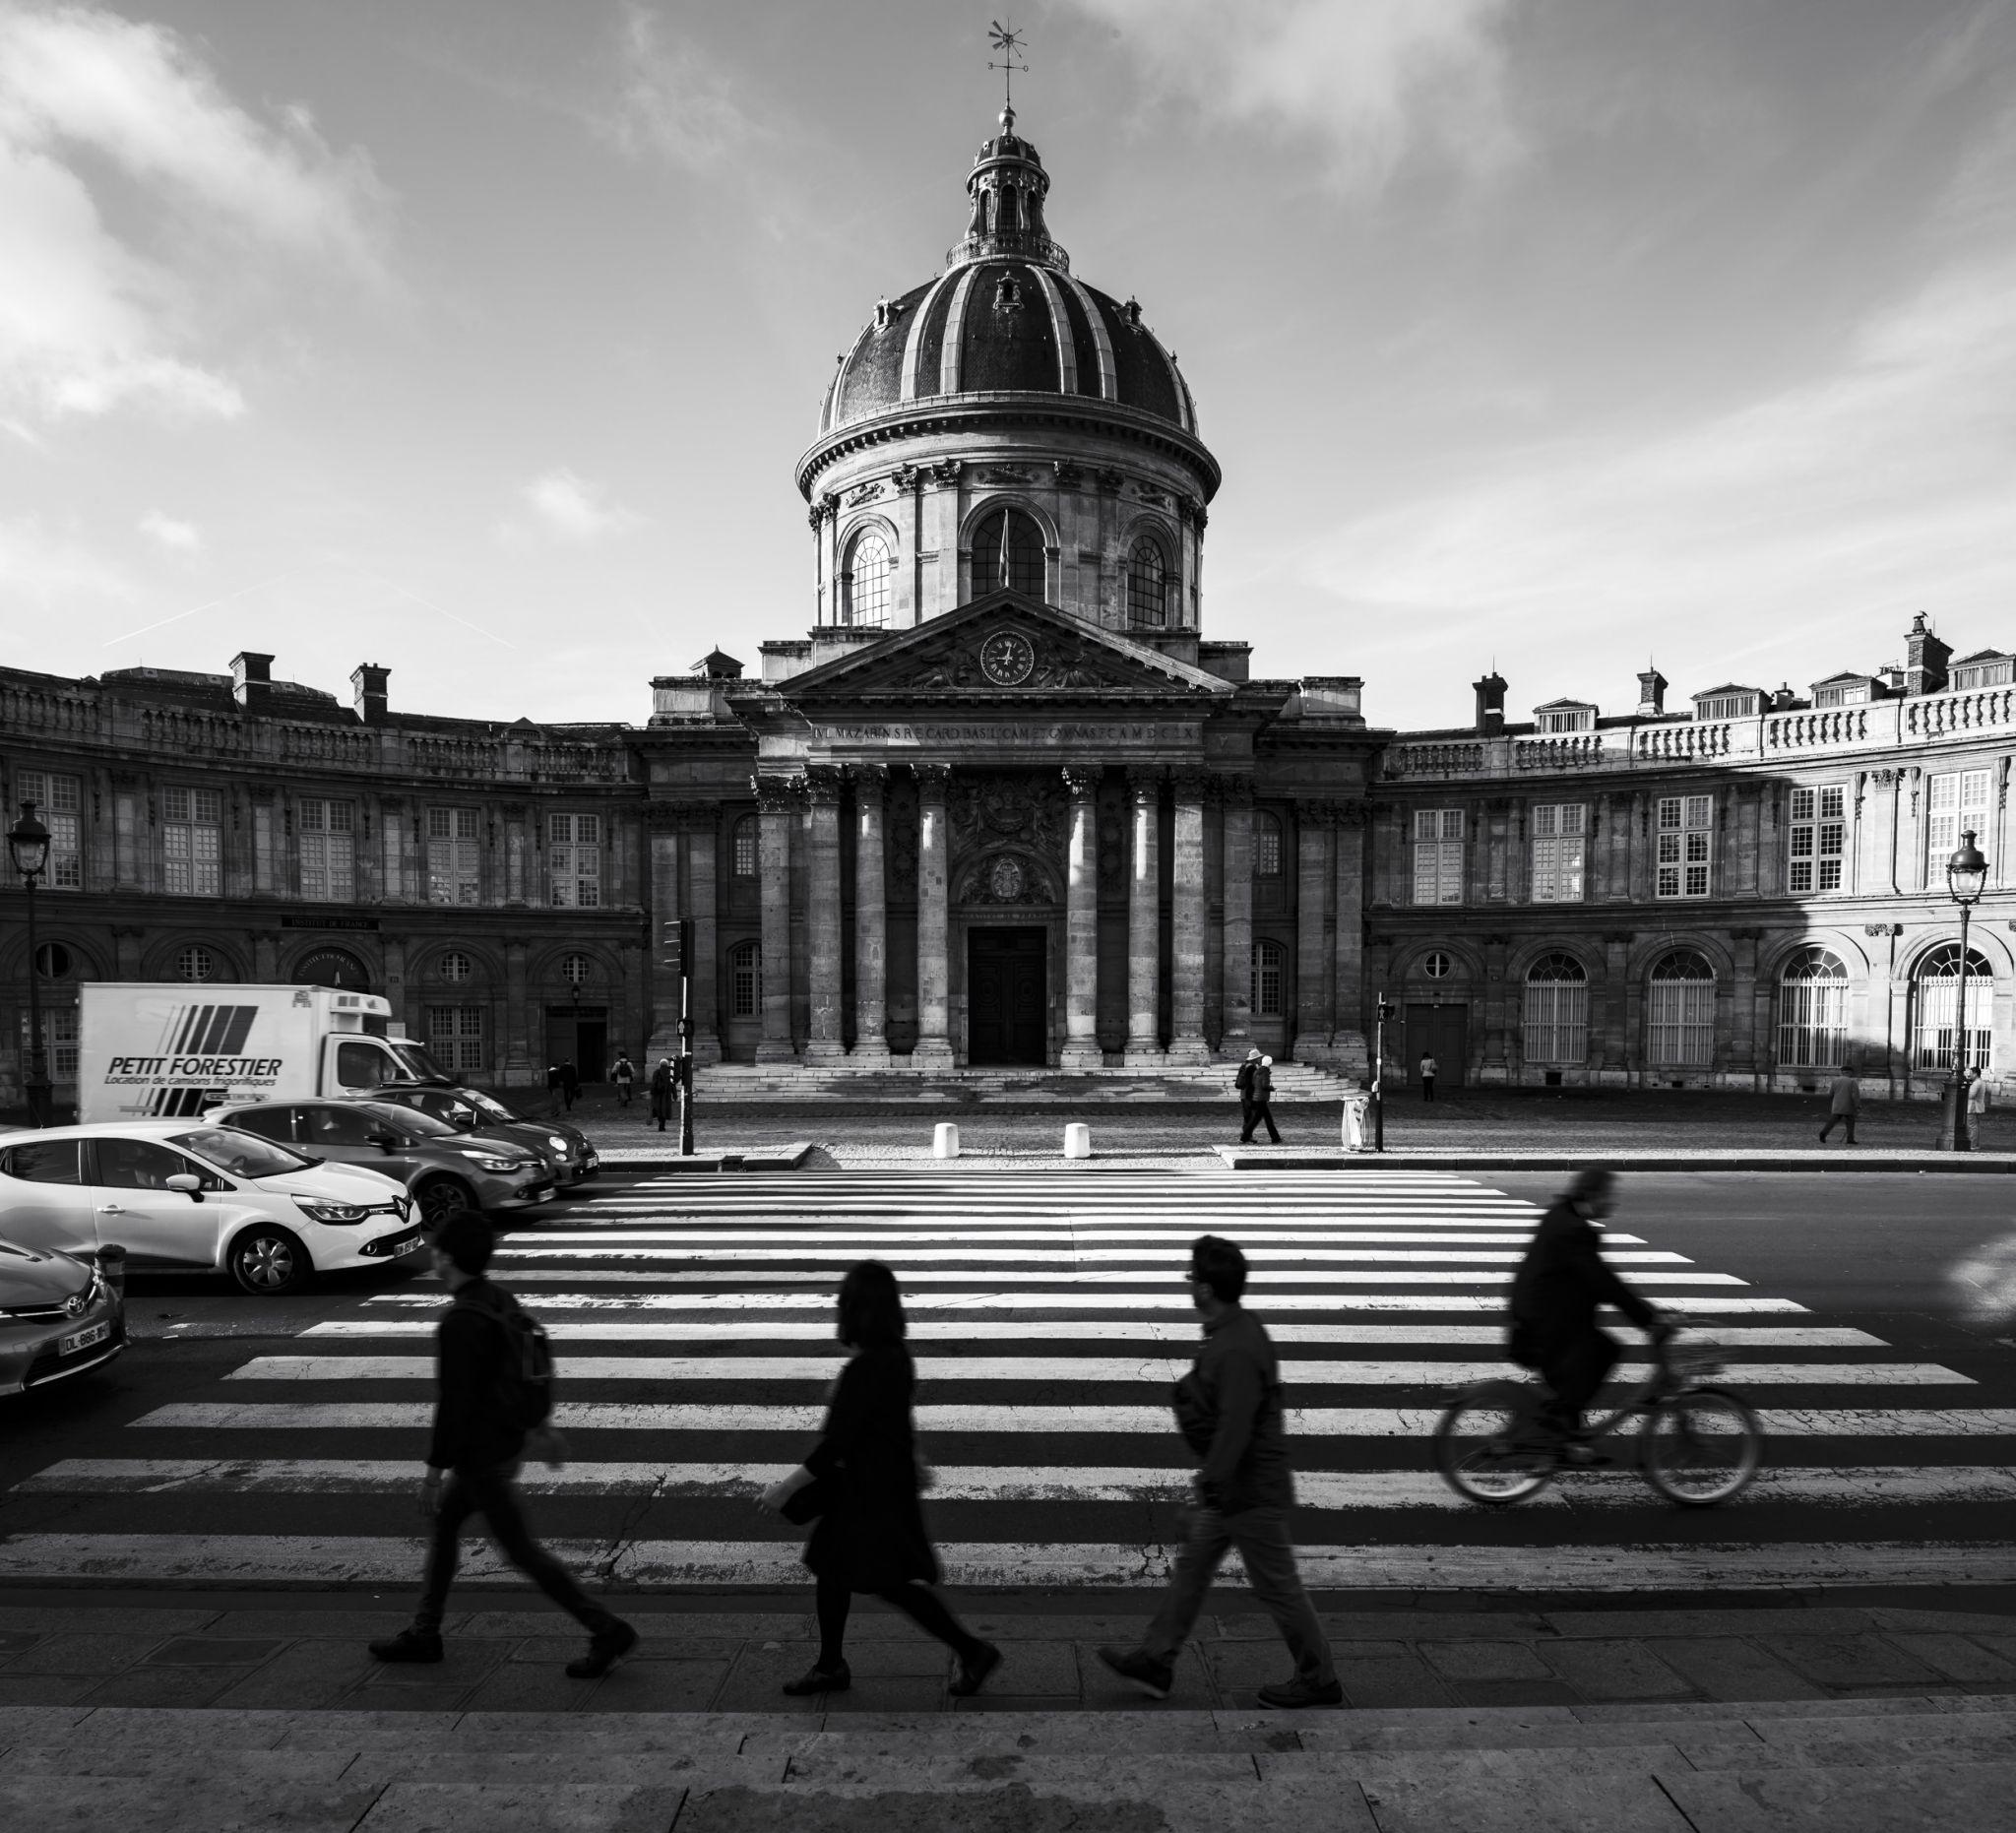 Institut de France, France